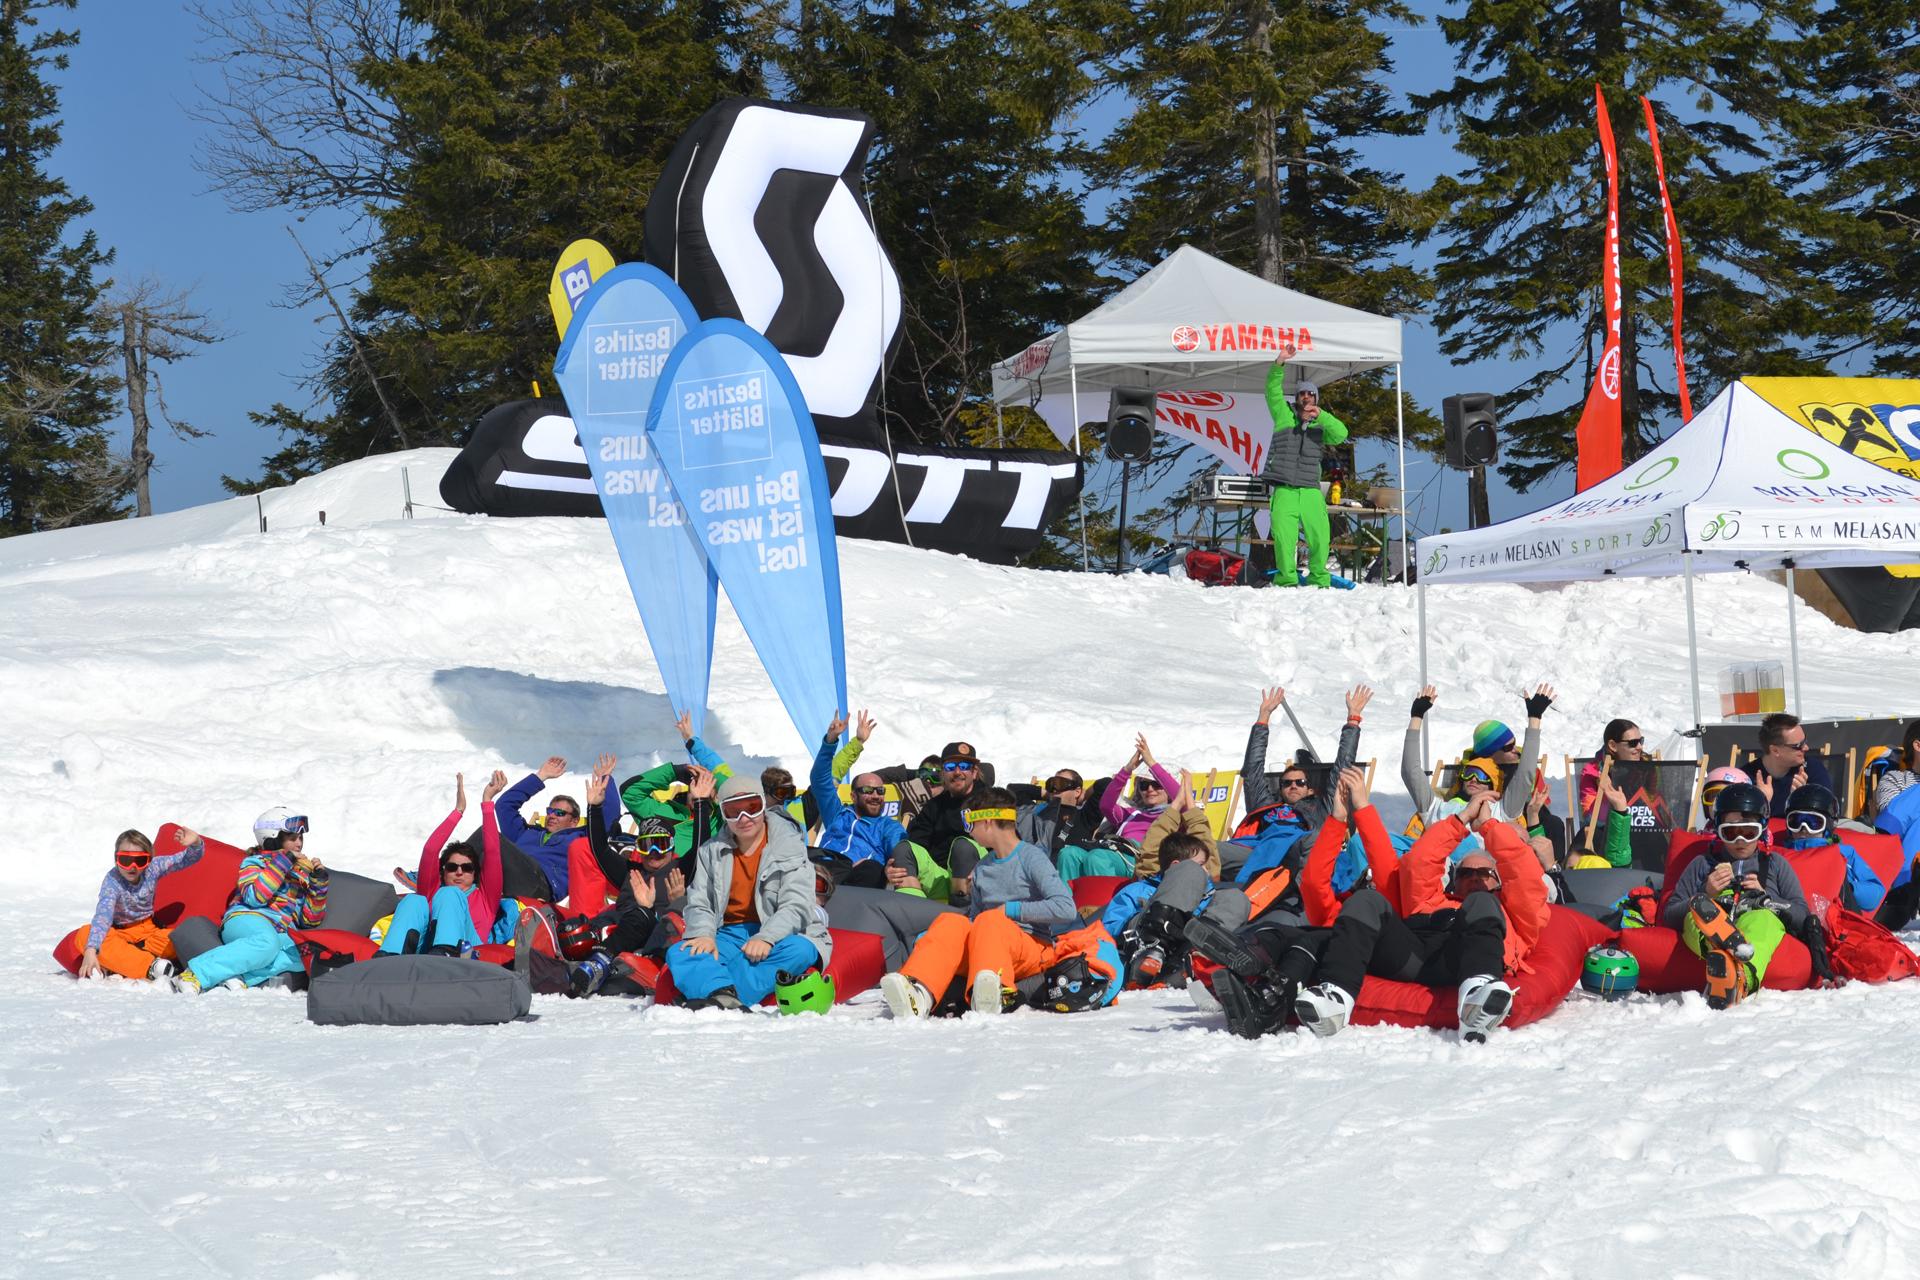 Die Crowd konnte den Contest bei bestem Wetter gemütlich verfolgen - Foto: smpr.at